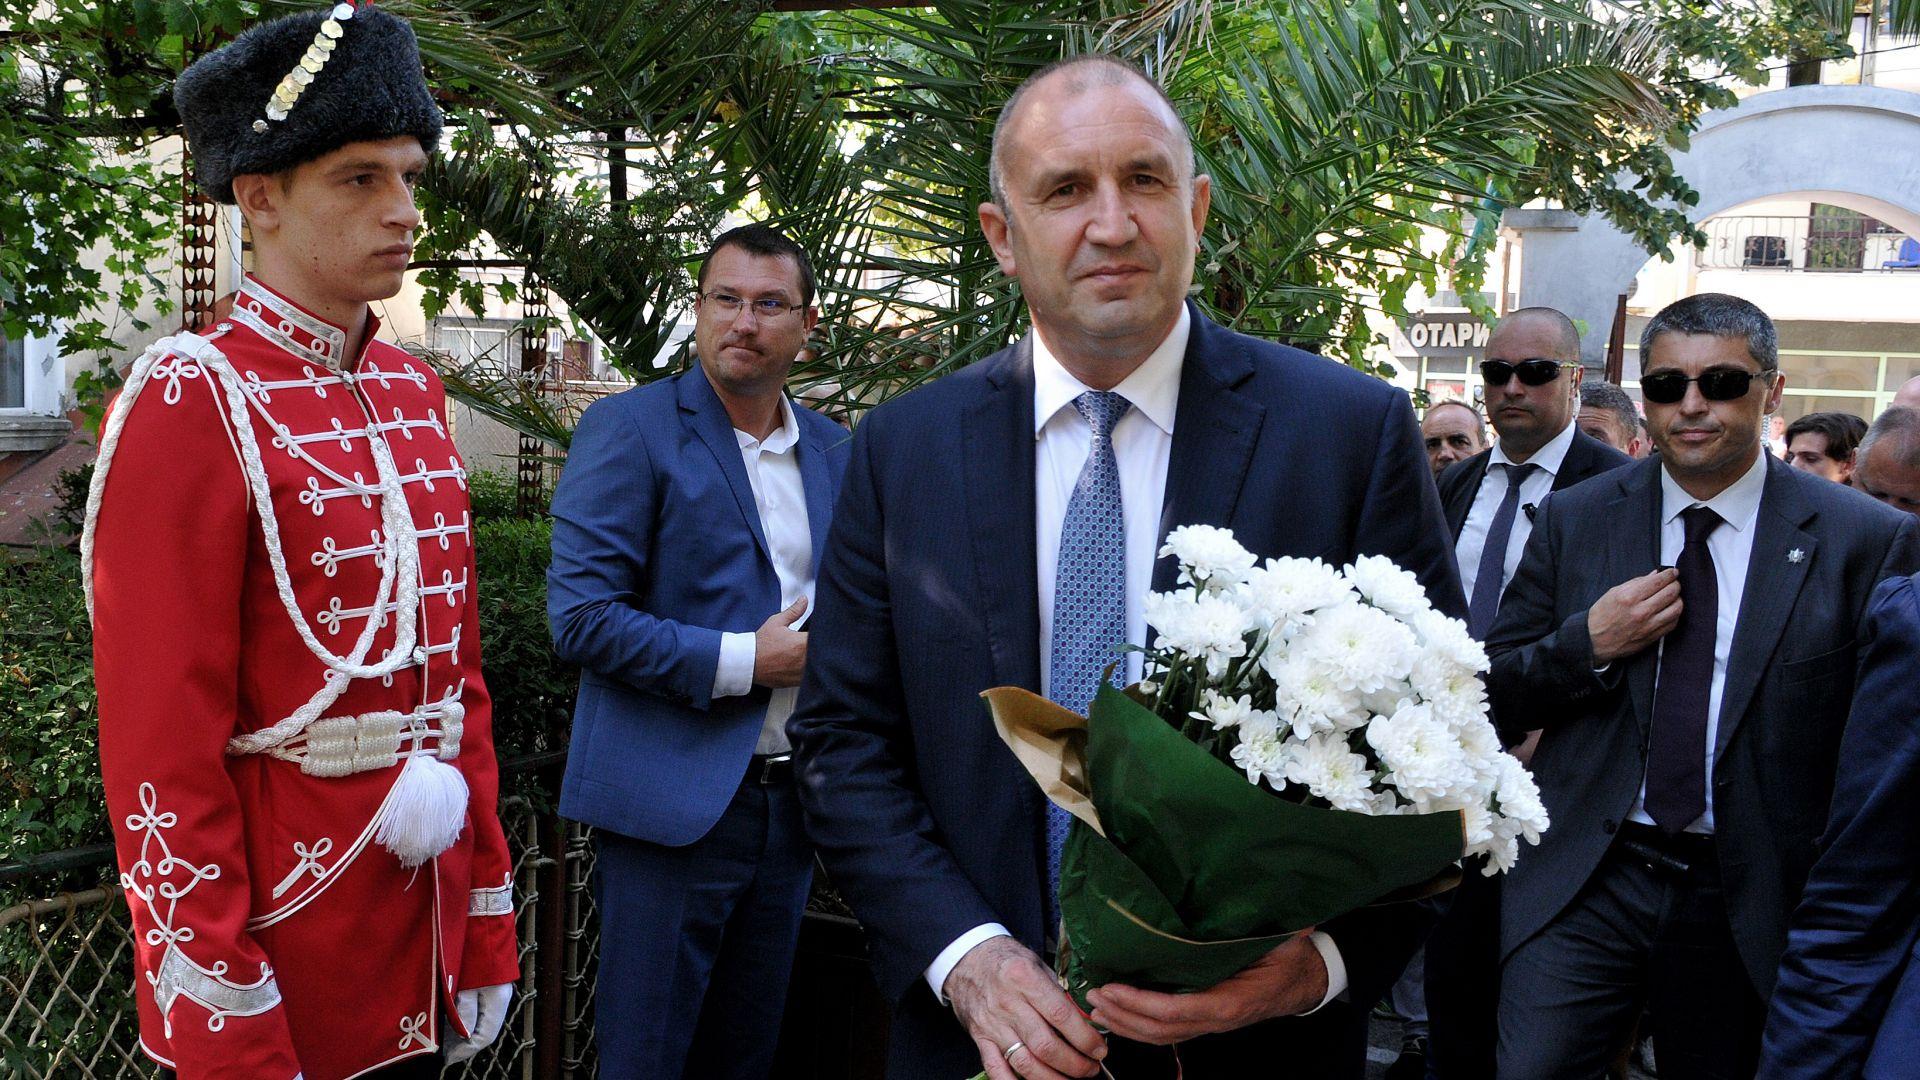 Радев пред паметник на Левски: Партиите да се замислят за заветите на Апостола (снимки)